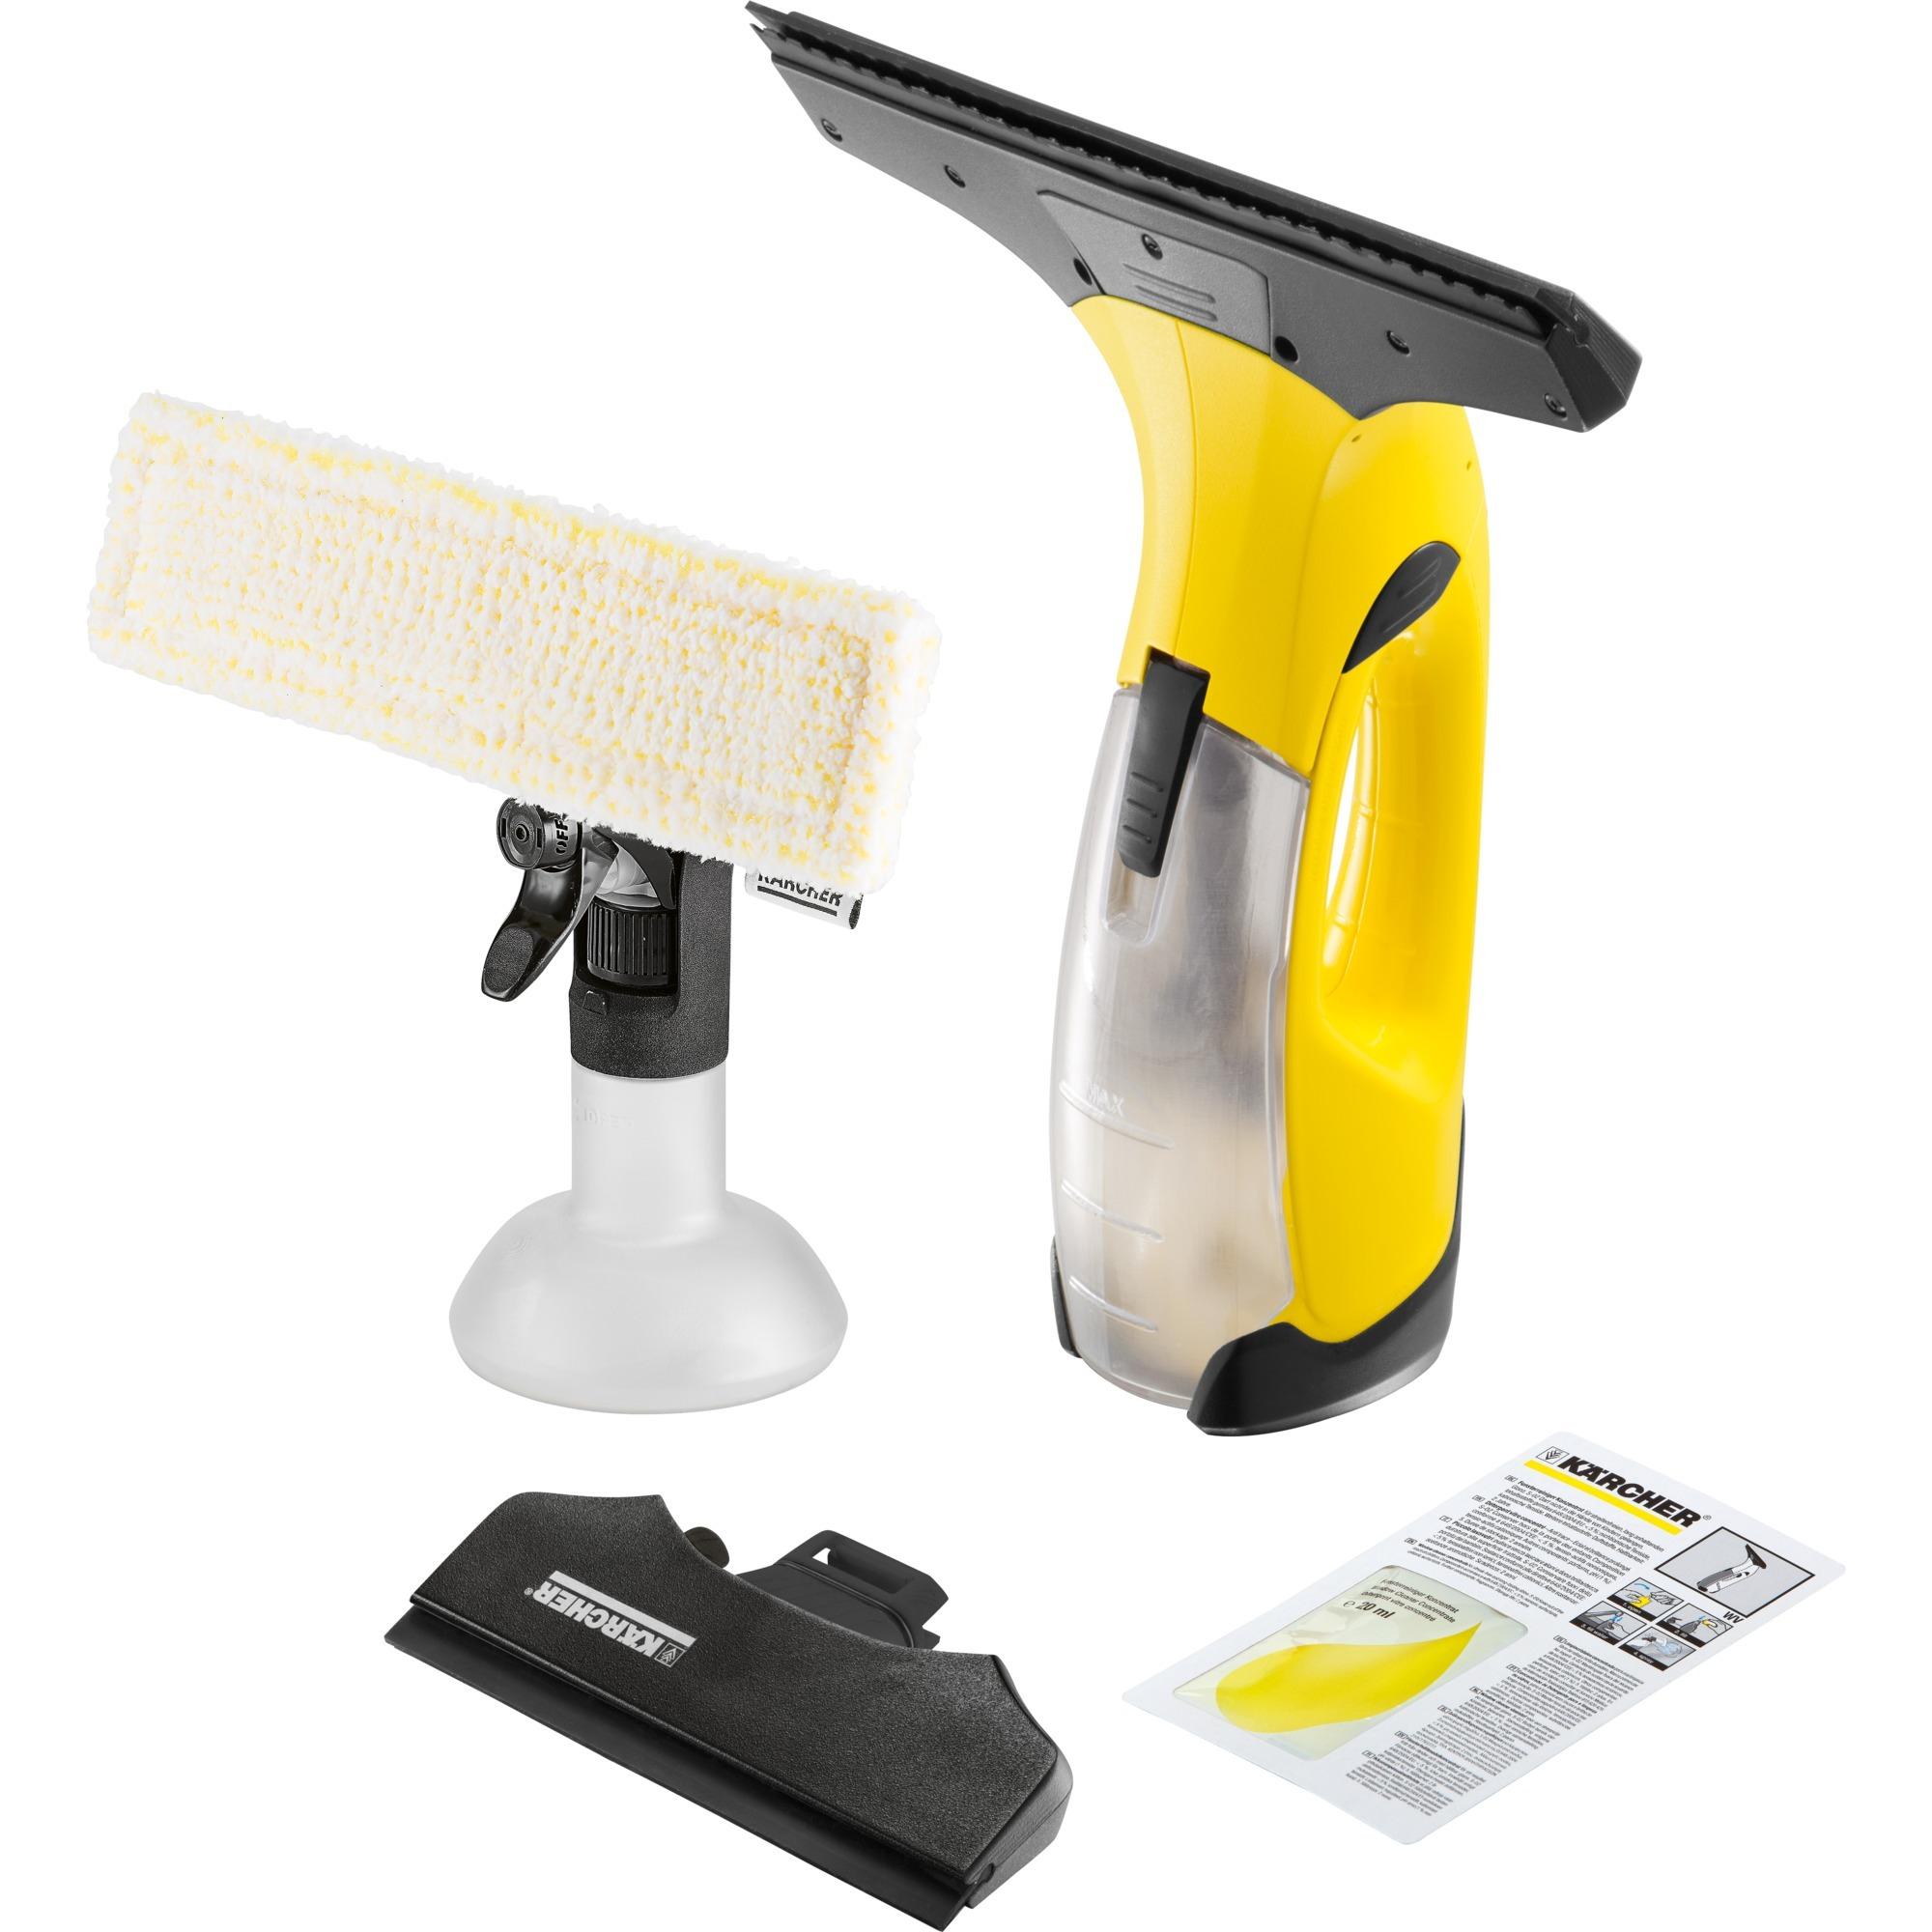 WV 2 100L Negro, Amarillo limpiador eléctrico ventana, Aspiradora de ventanas